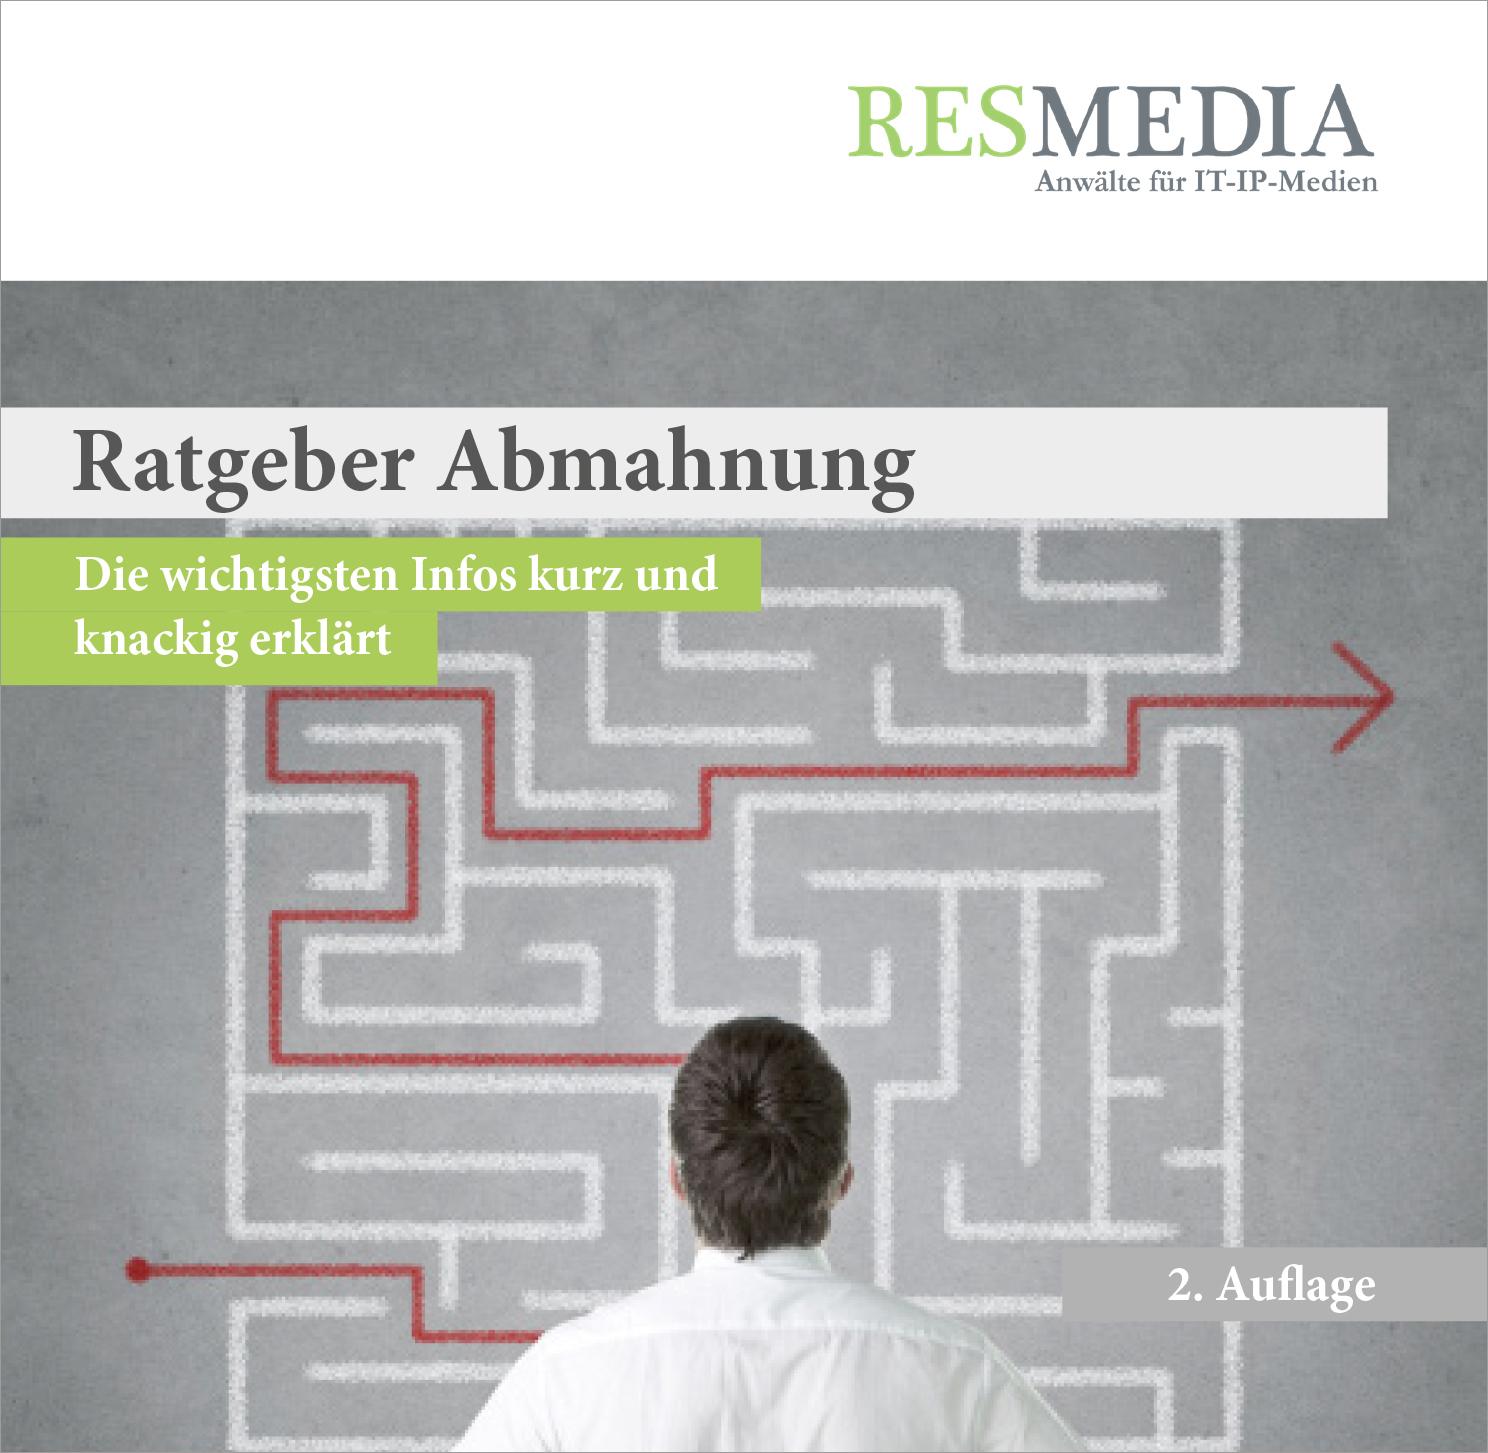 Titel_RESMEDIA_Booklet_Verhalten bei Abmahnungen